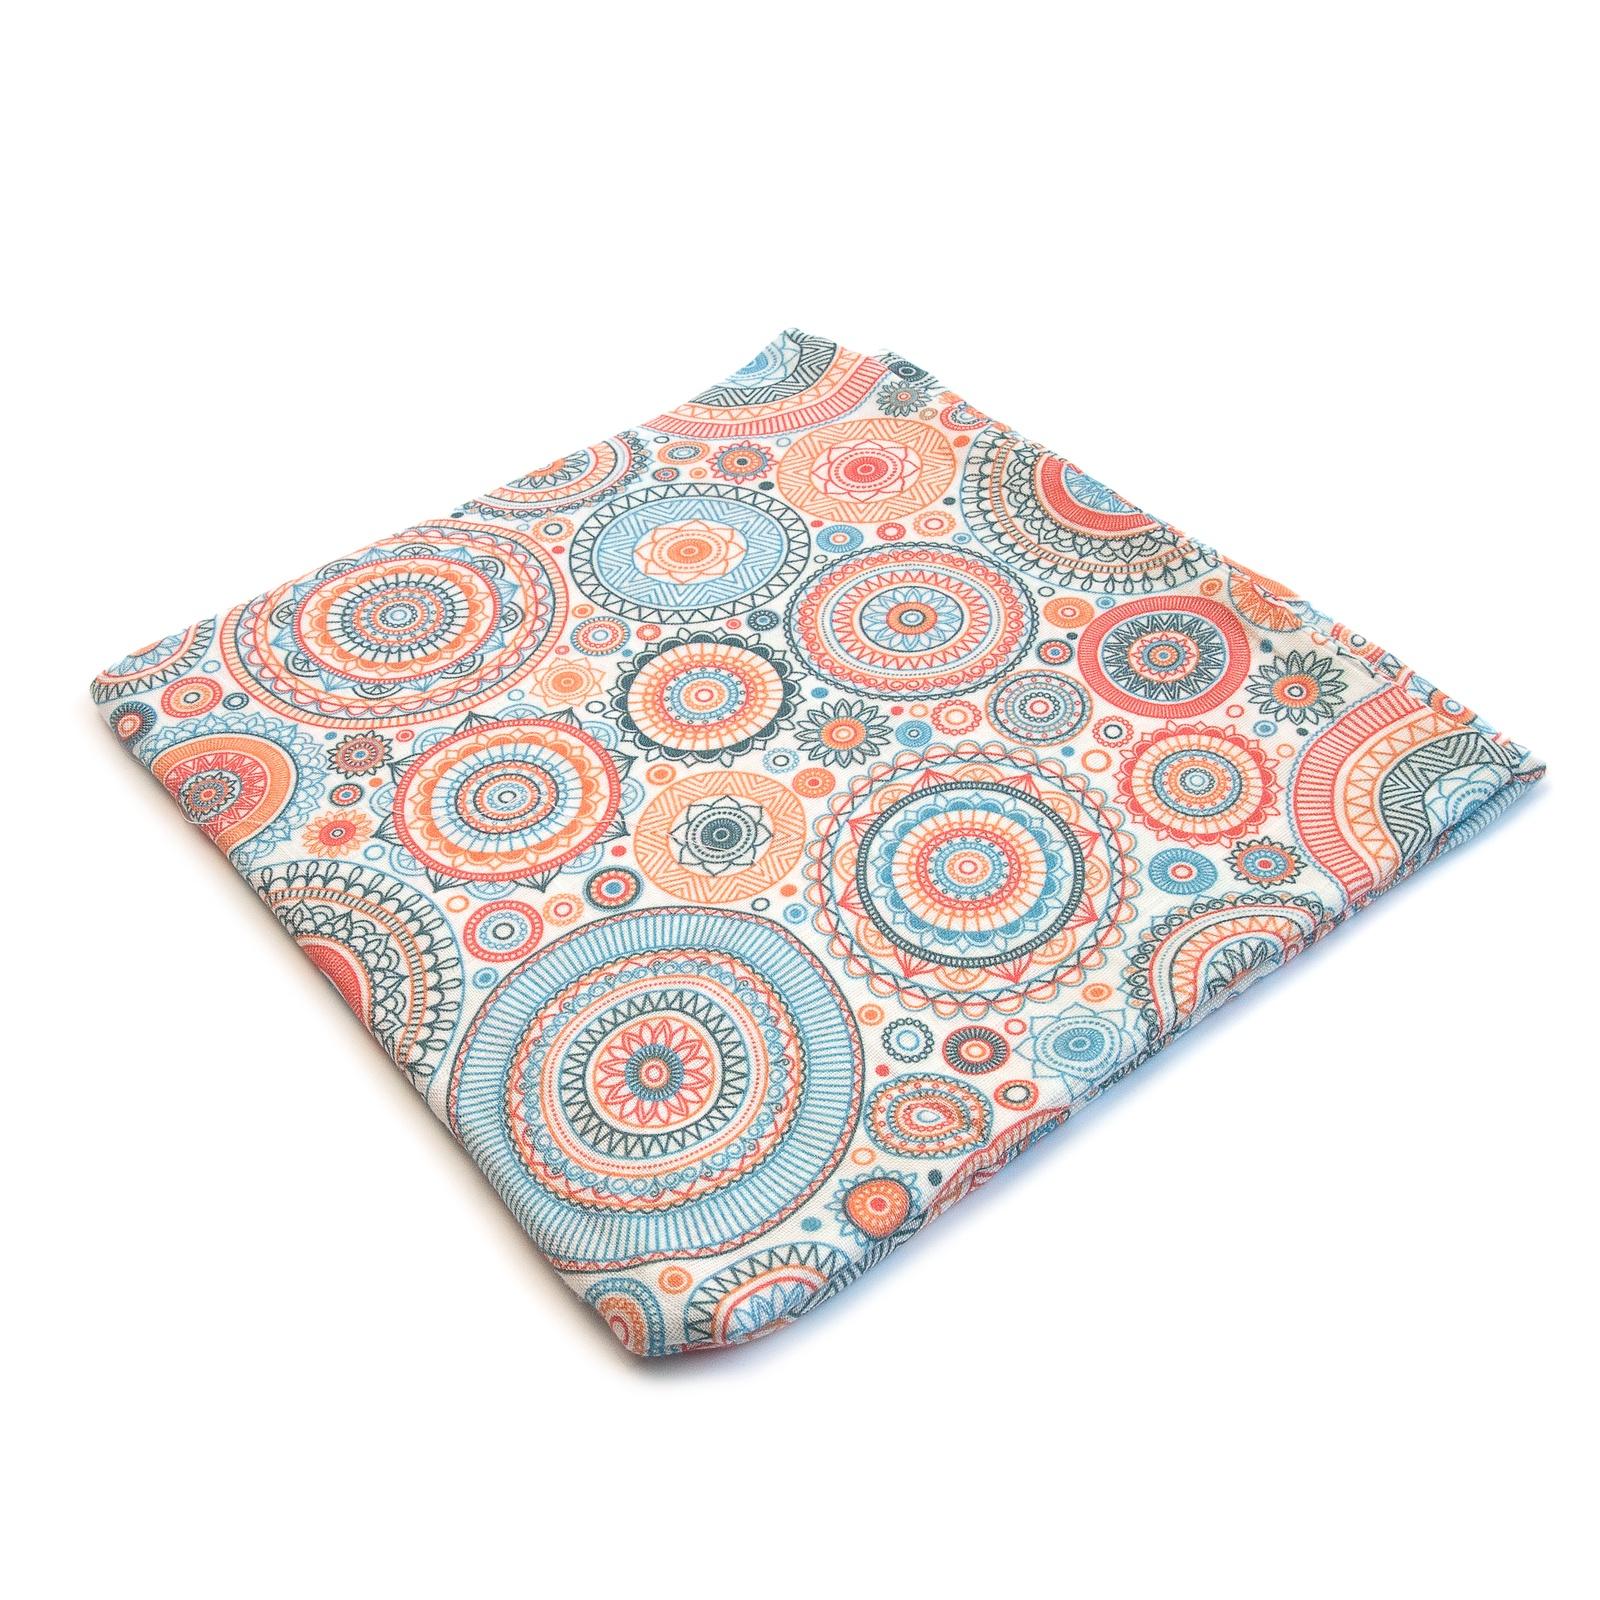 Пеленка текстильная MamSi Муслиновая пеленка Мандала оранжевый, голубой, серый